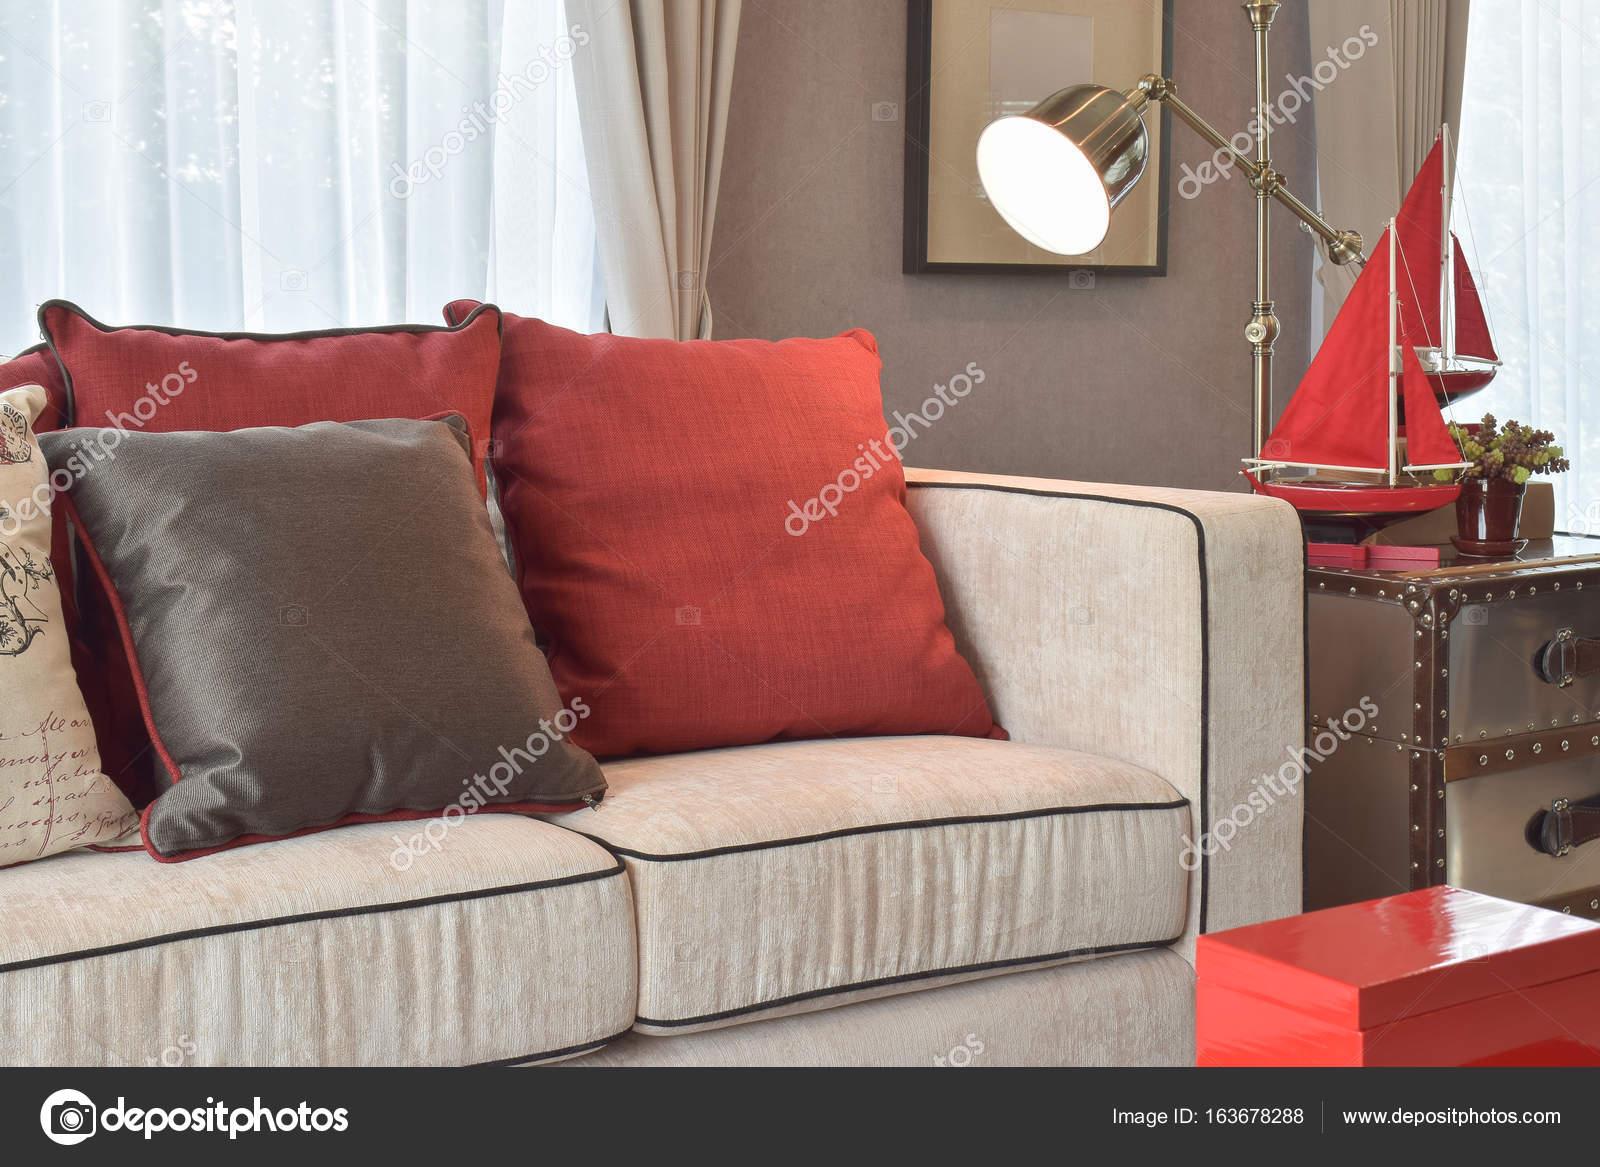 Klassische Industrielle Aussehen Wohnzimmer Mit Sofa